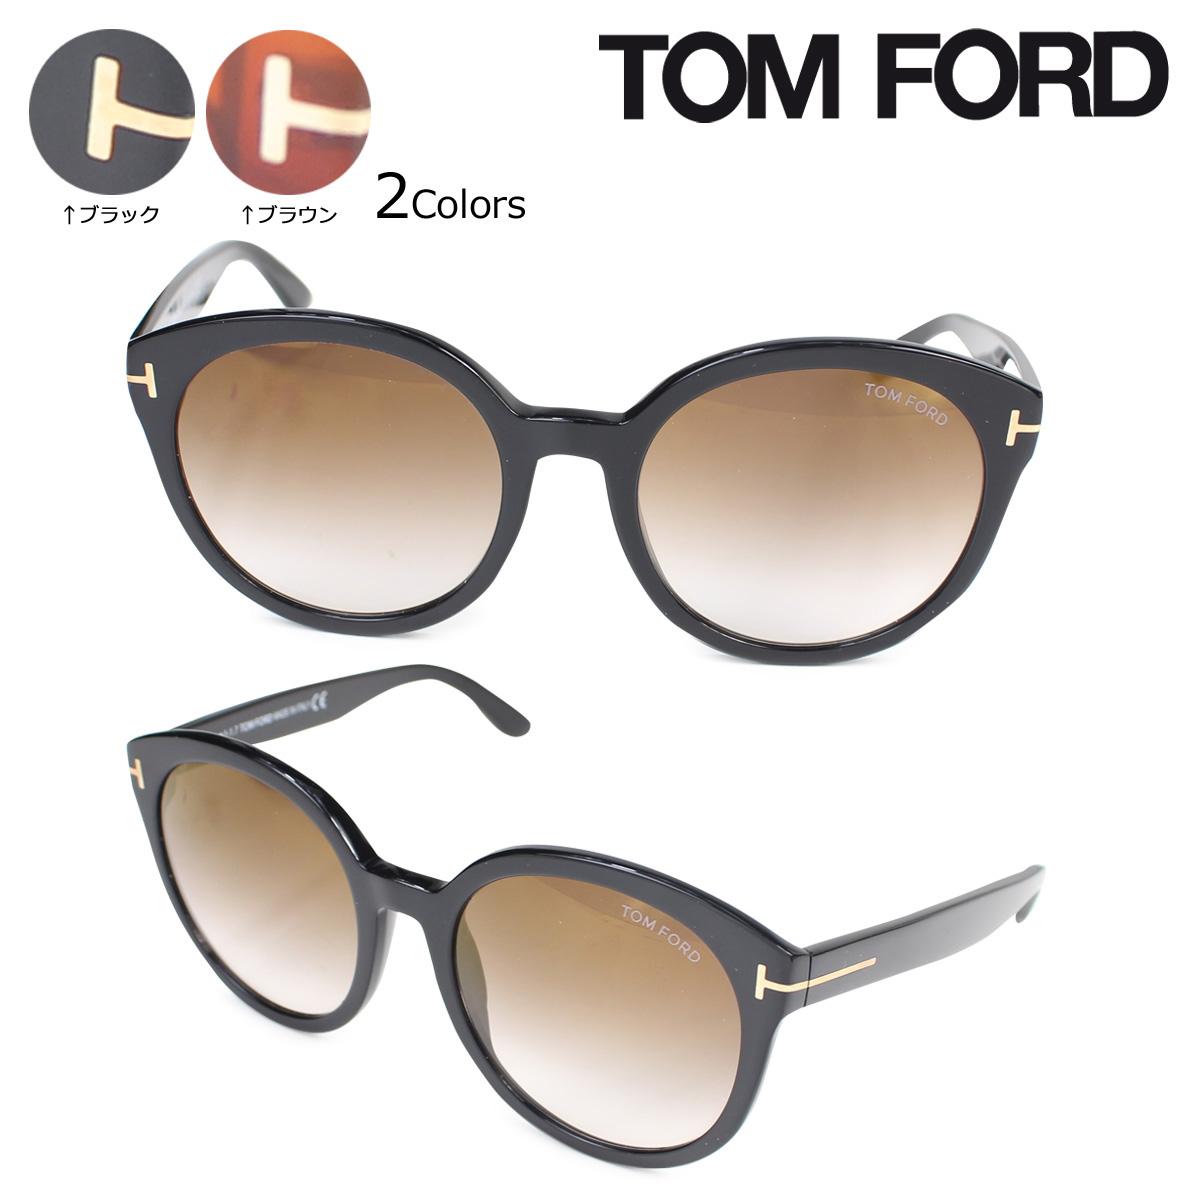 TOM FORD トムフォード サングラス メガネ メンズ レディース アイウェア FT0503 PHILIPPA SUNGLASSES 2カラー